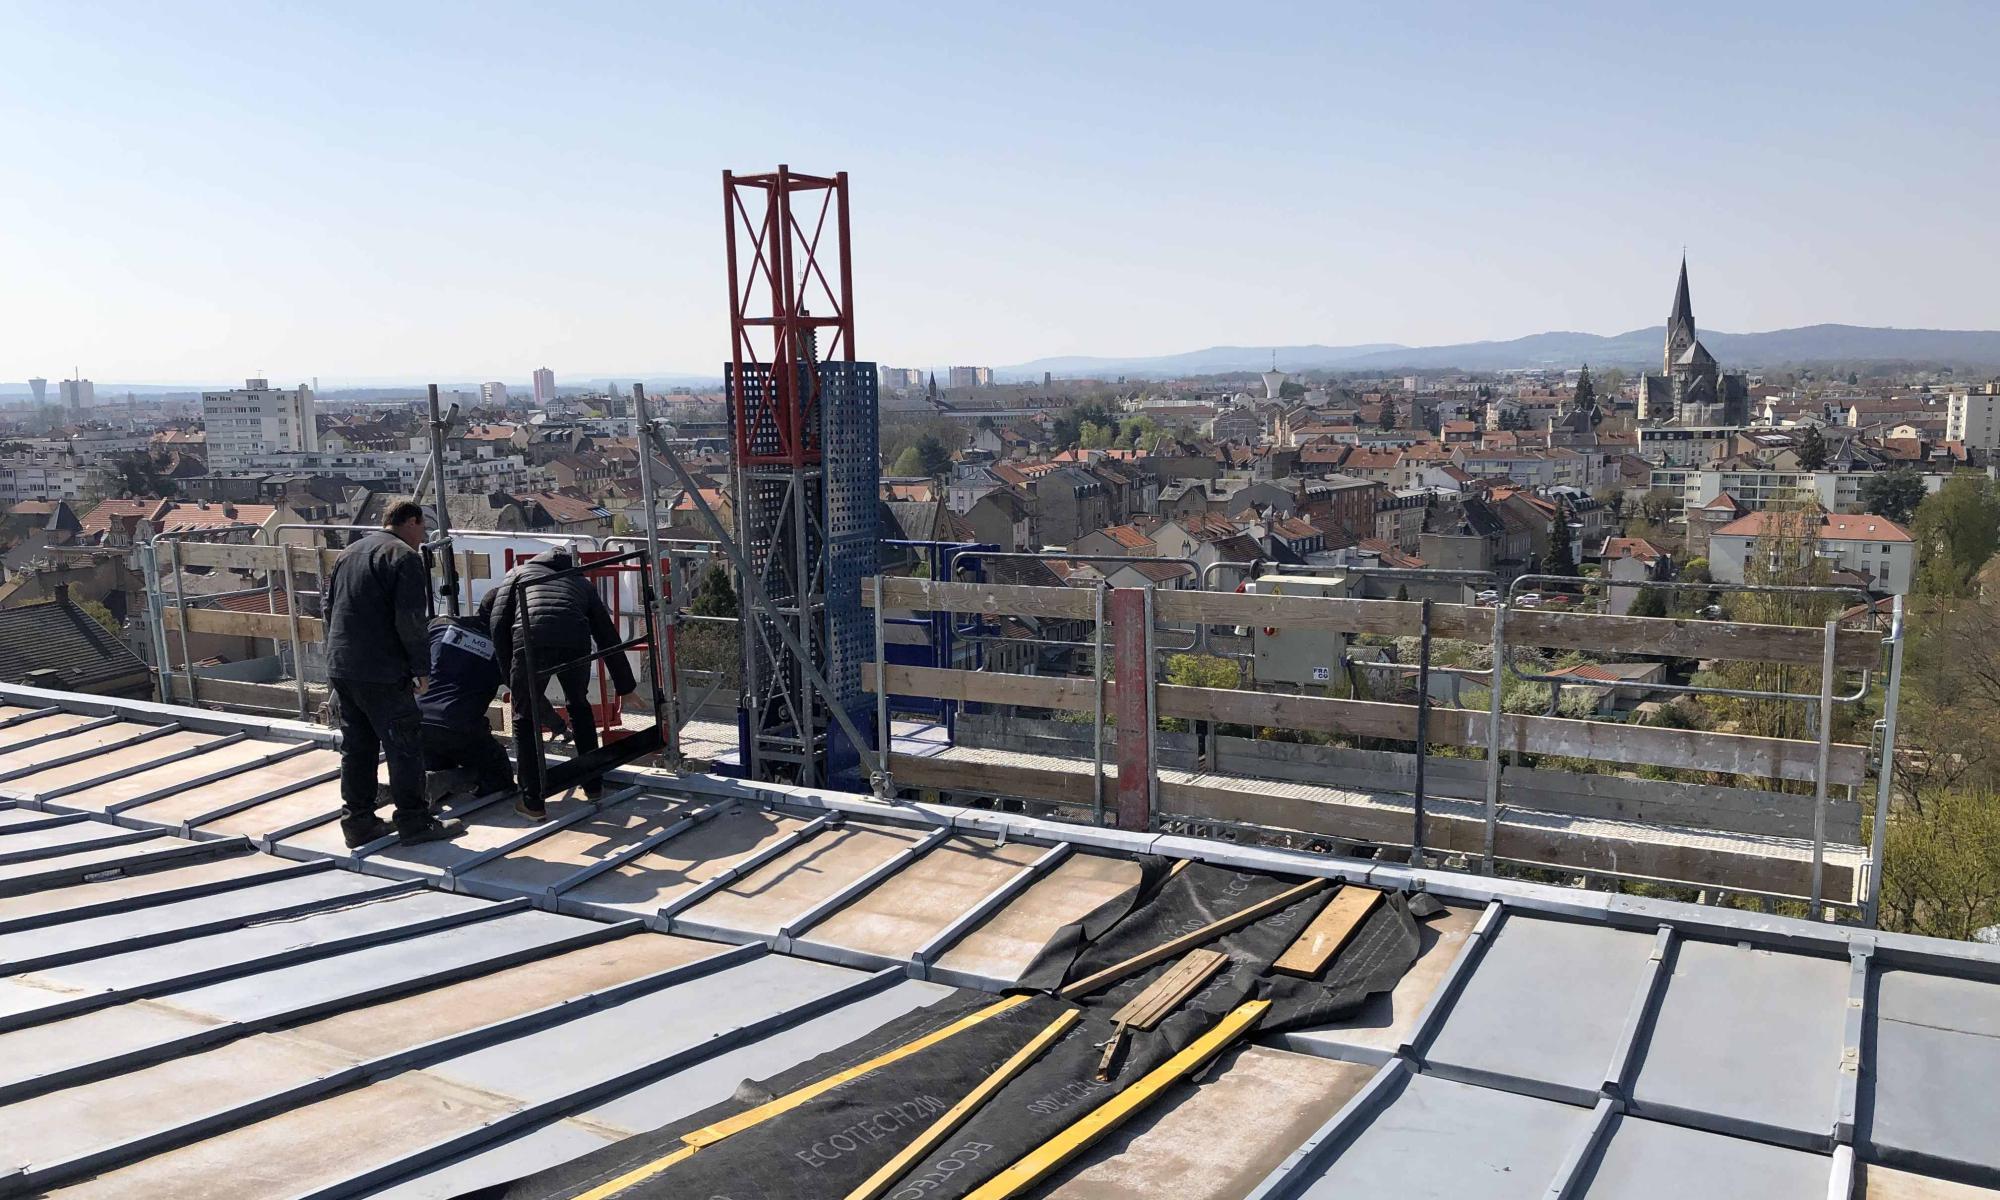 Plateforme monomat mécanisée pour accès pratique, rapide et sécurisé à la toiture de l'immeuble